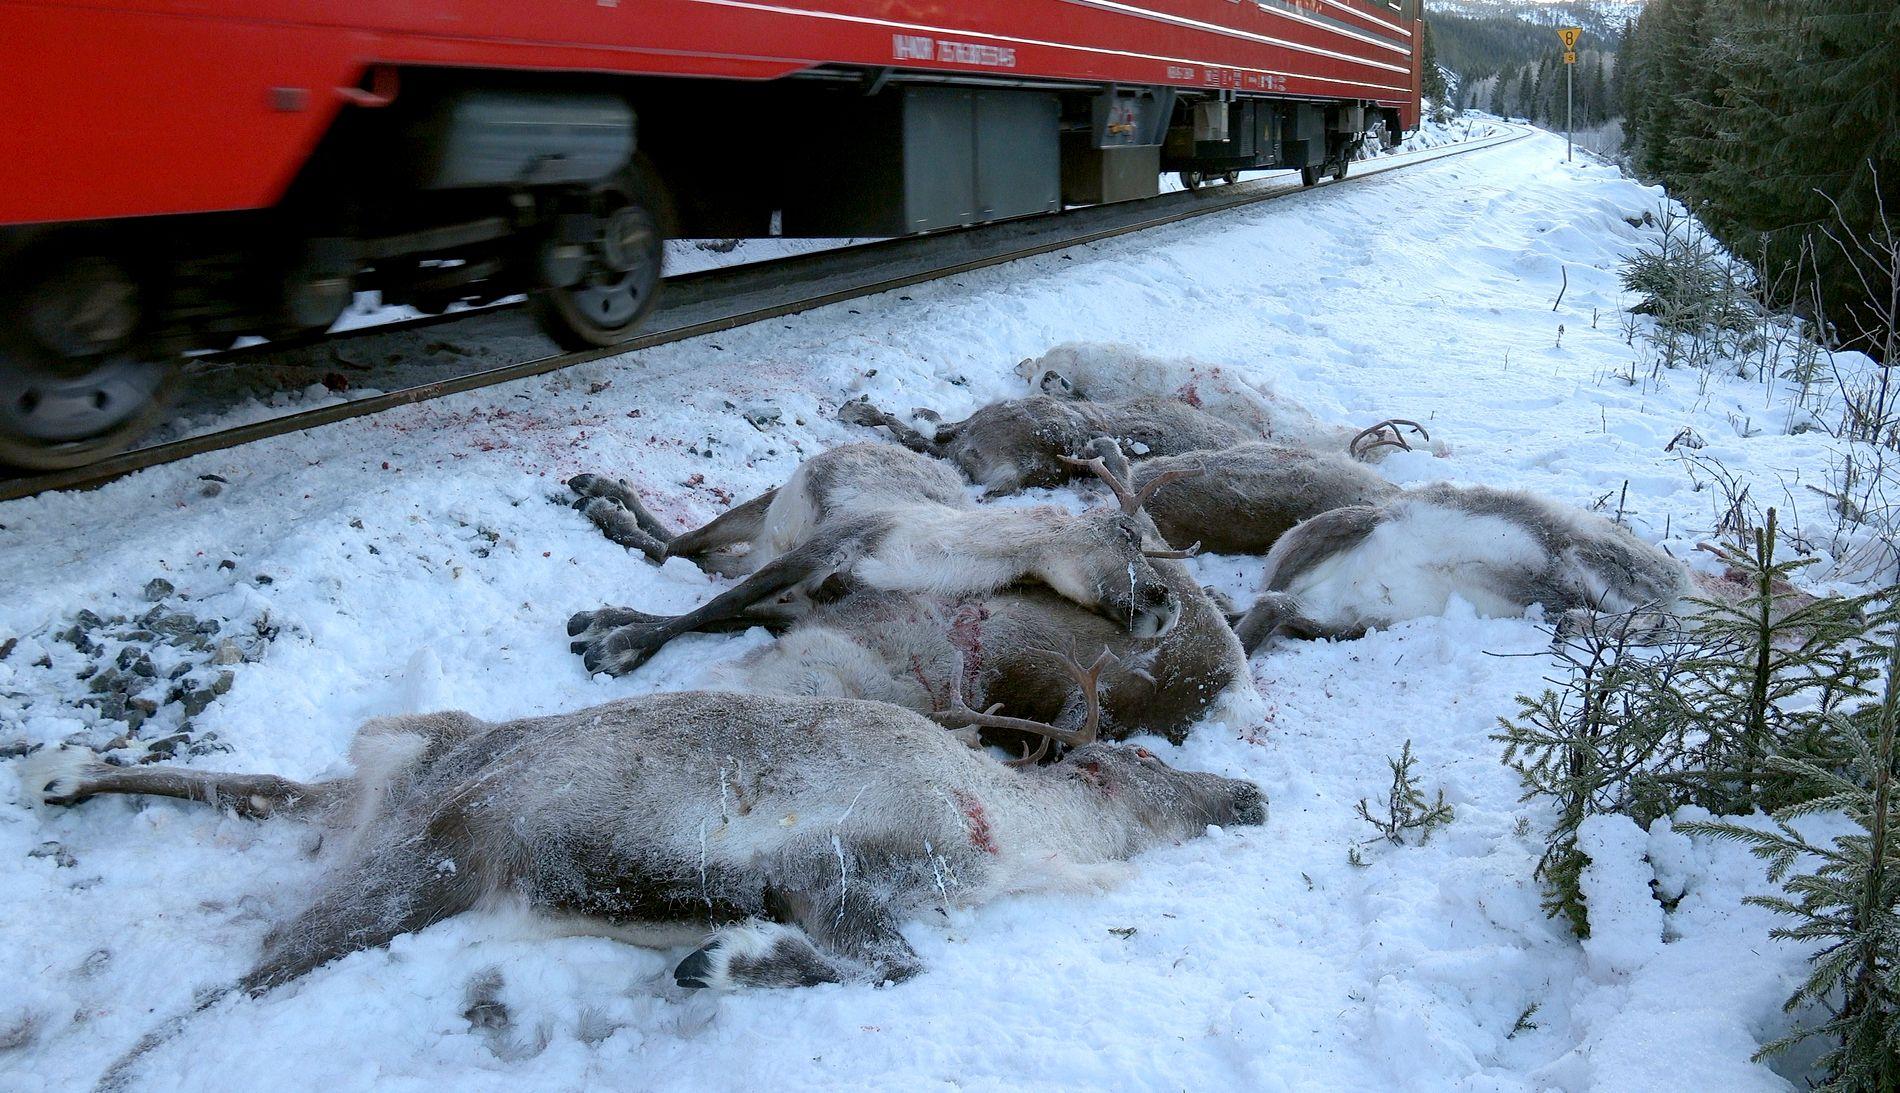 DYRETRAGEDIE: Et tog passerer døde reinsdyr som ligger ved siden av jernbanesporet ved Kvalforsbrua mellom Eiterstrøm og Mosjøen på Helgeland. Over hundre reinsdyr i området er påkjørt og drept av toget de siste dagene.